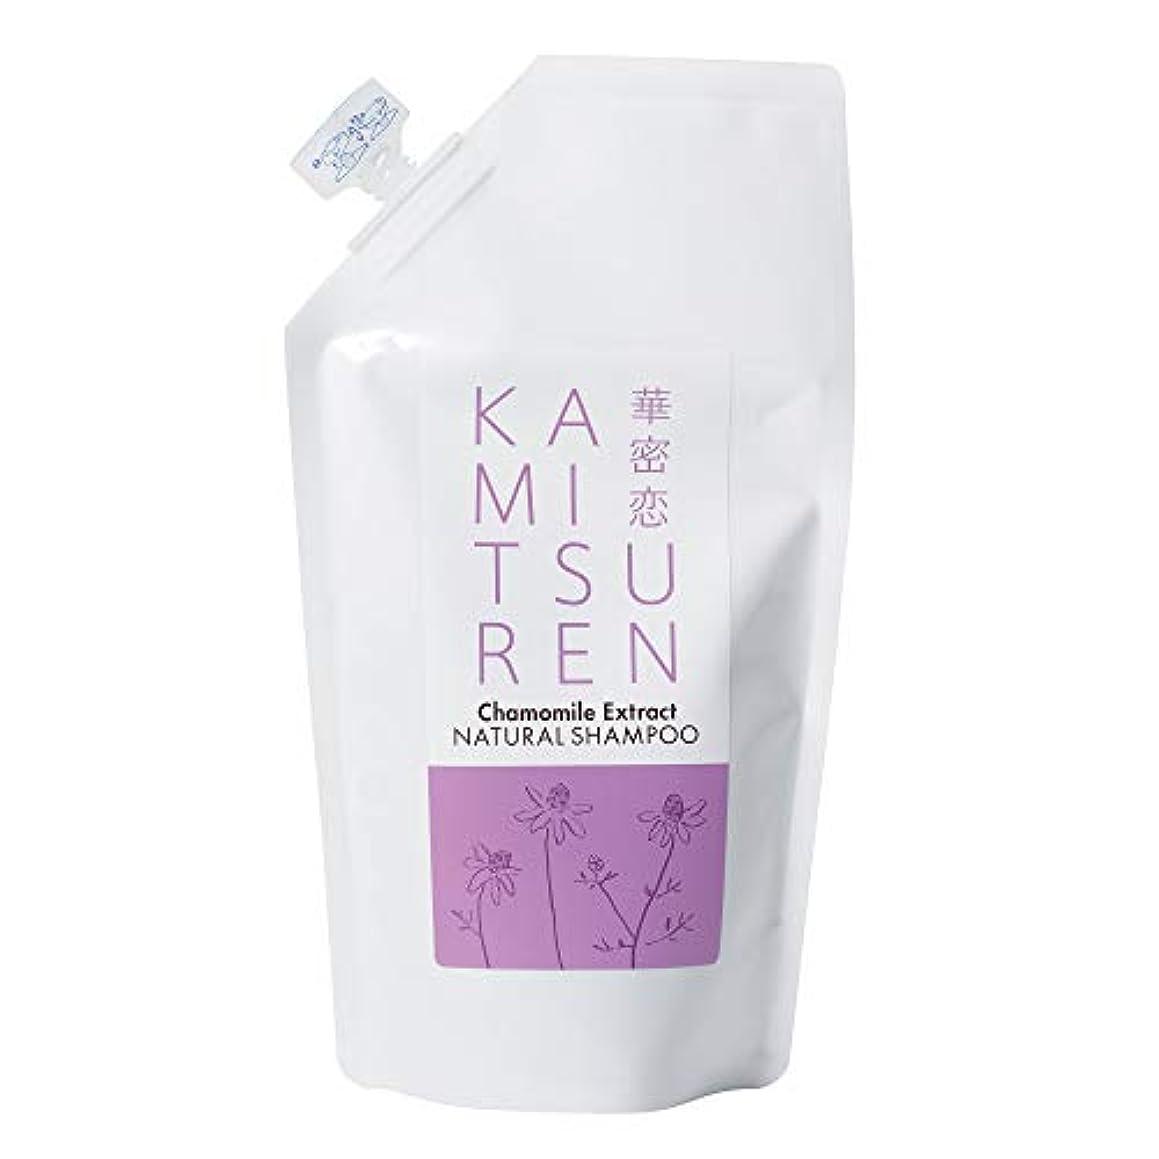 先例おいしい量華密恋(KAMITSUREN) ナチュラルシャンプー 200ml(詰替え用)